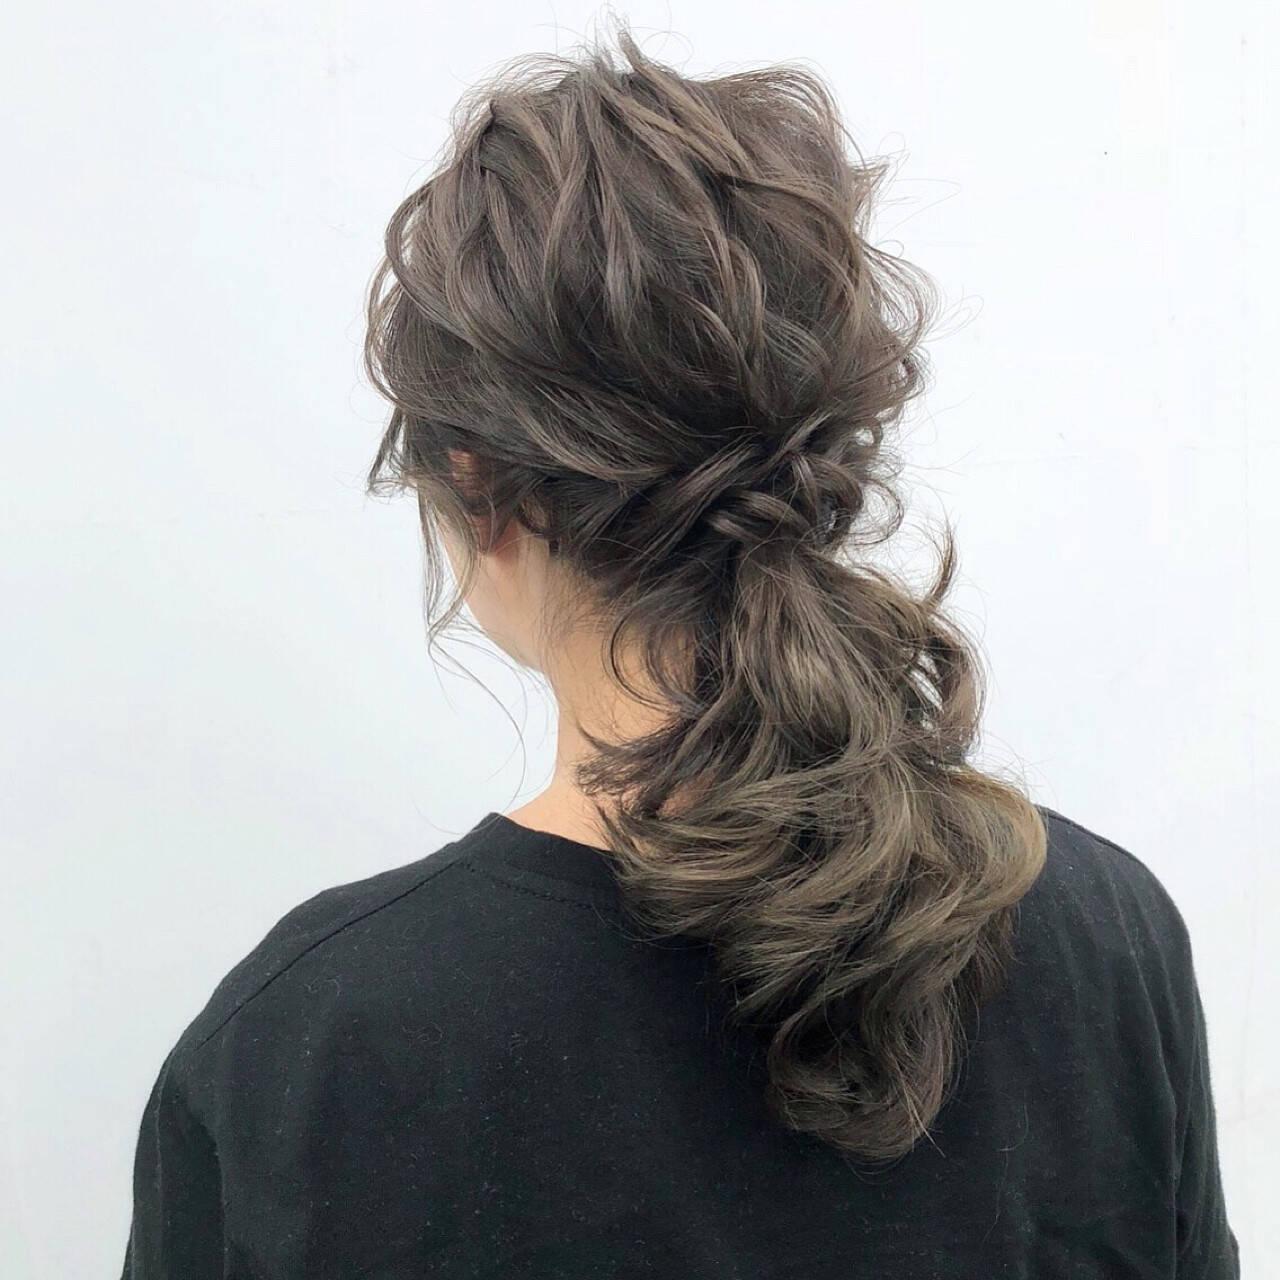 ポニーテール 簡単ヘアアレンジ ナチュラル ヘアアレンジヘアスタイルや髪型の写真・画像